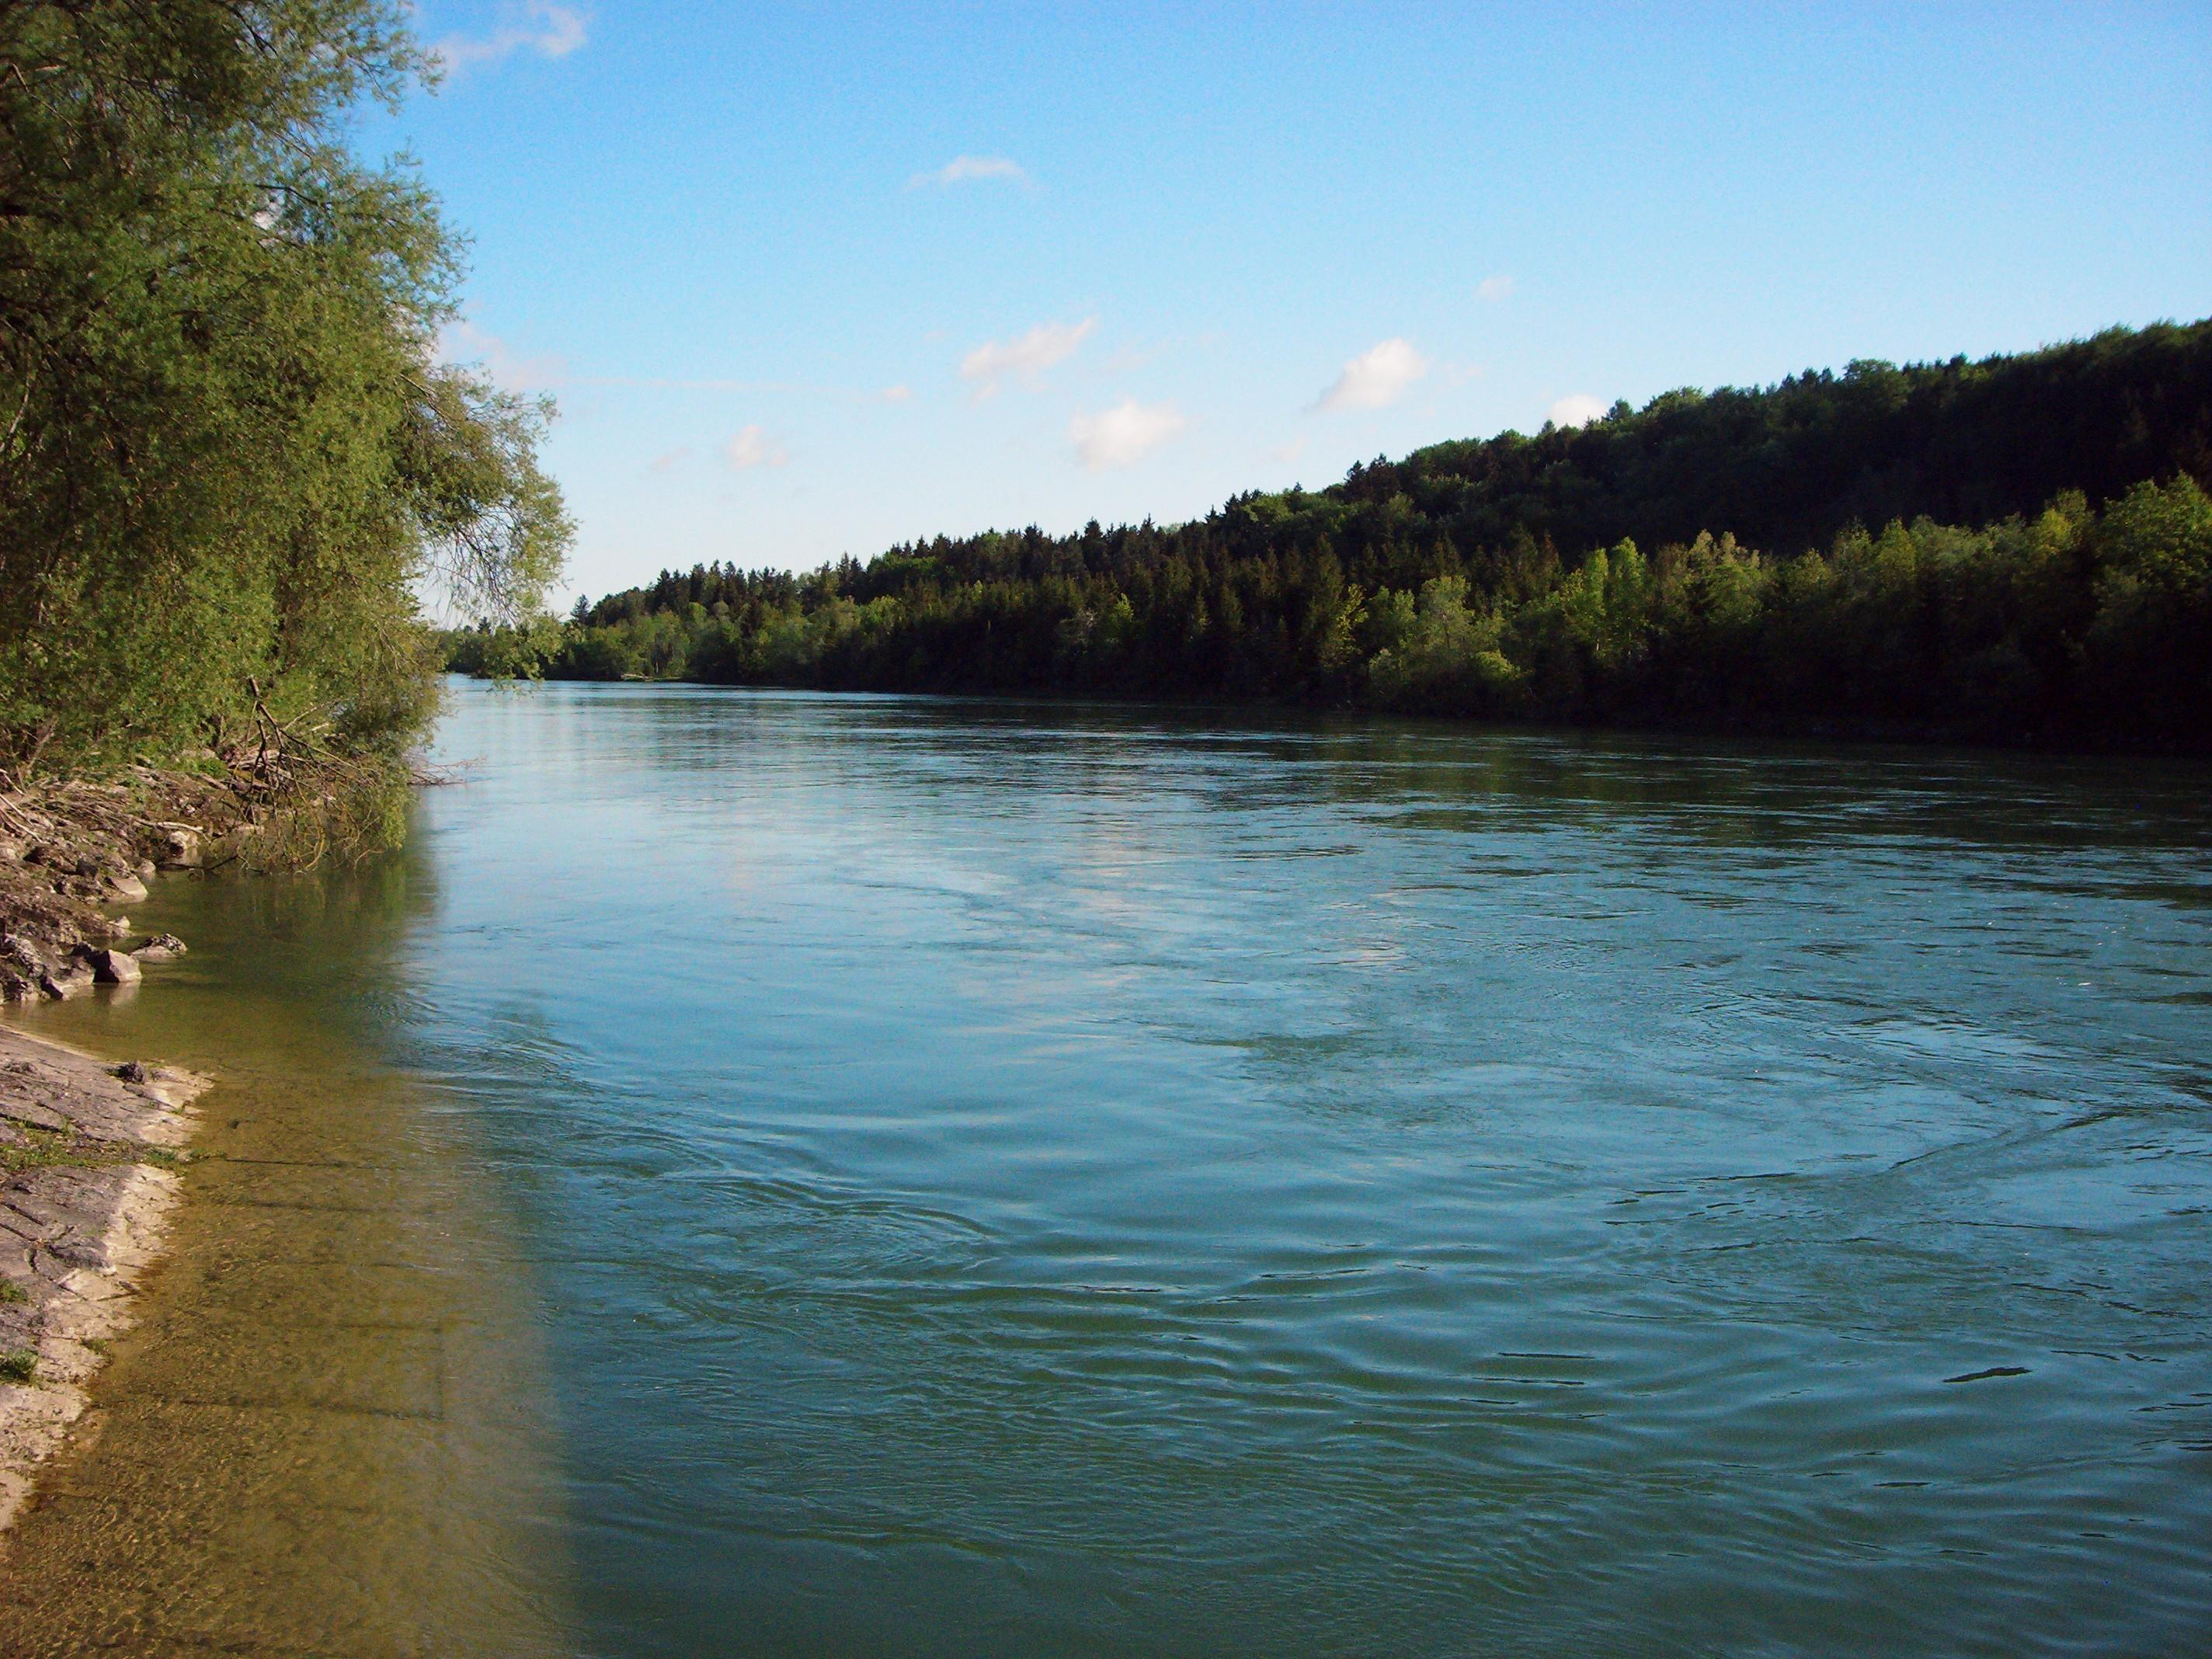 Liste deutscher flüsse